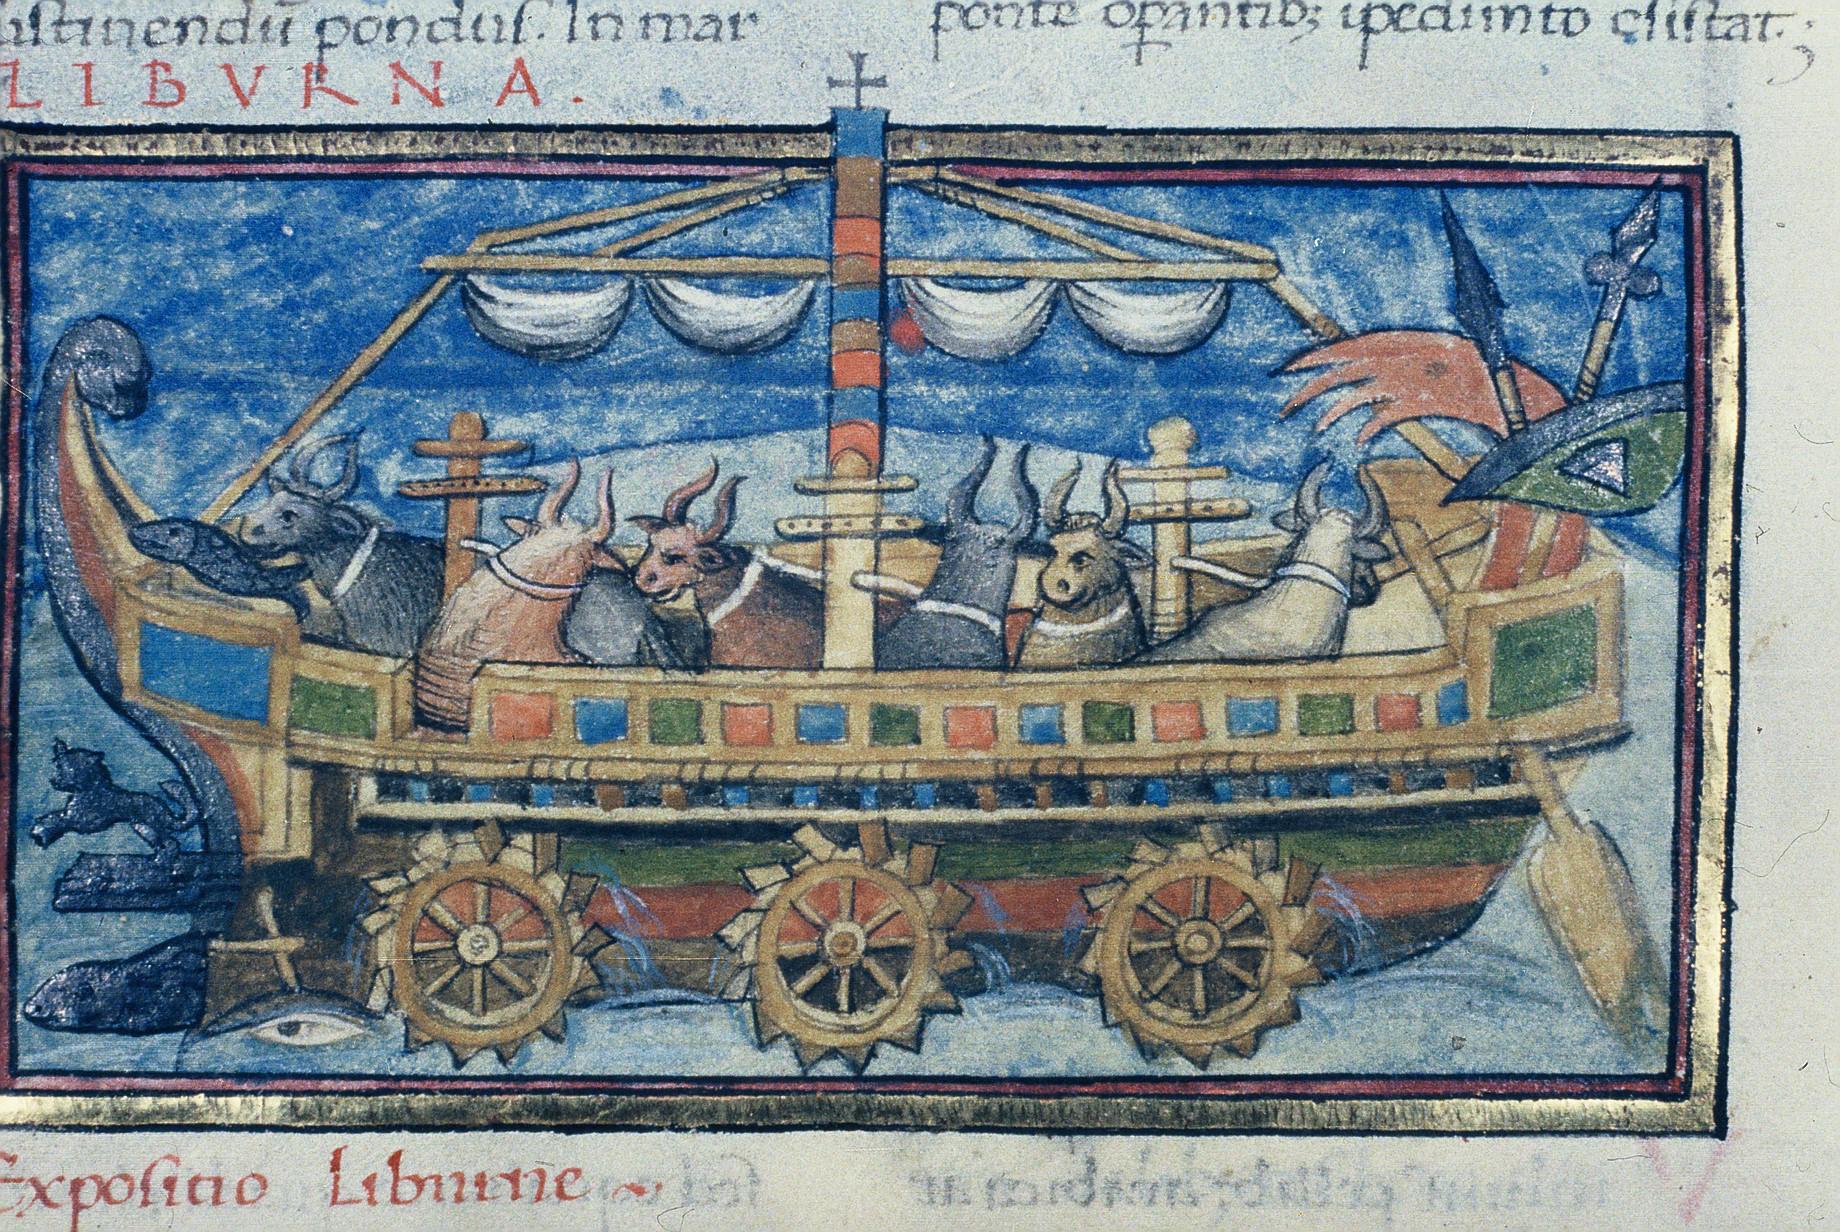 Römisches Schaufelradschiff (Miniatur aus dem 15. Jh.)